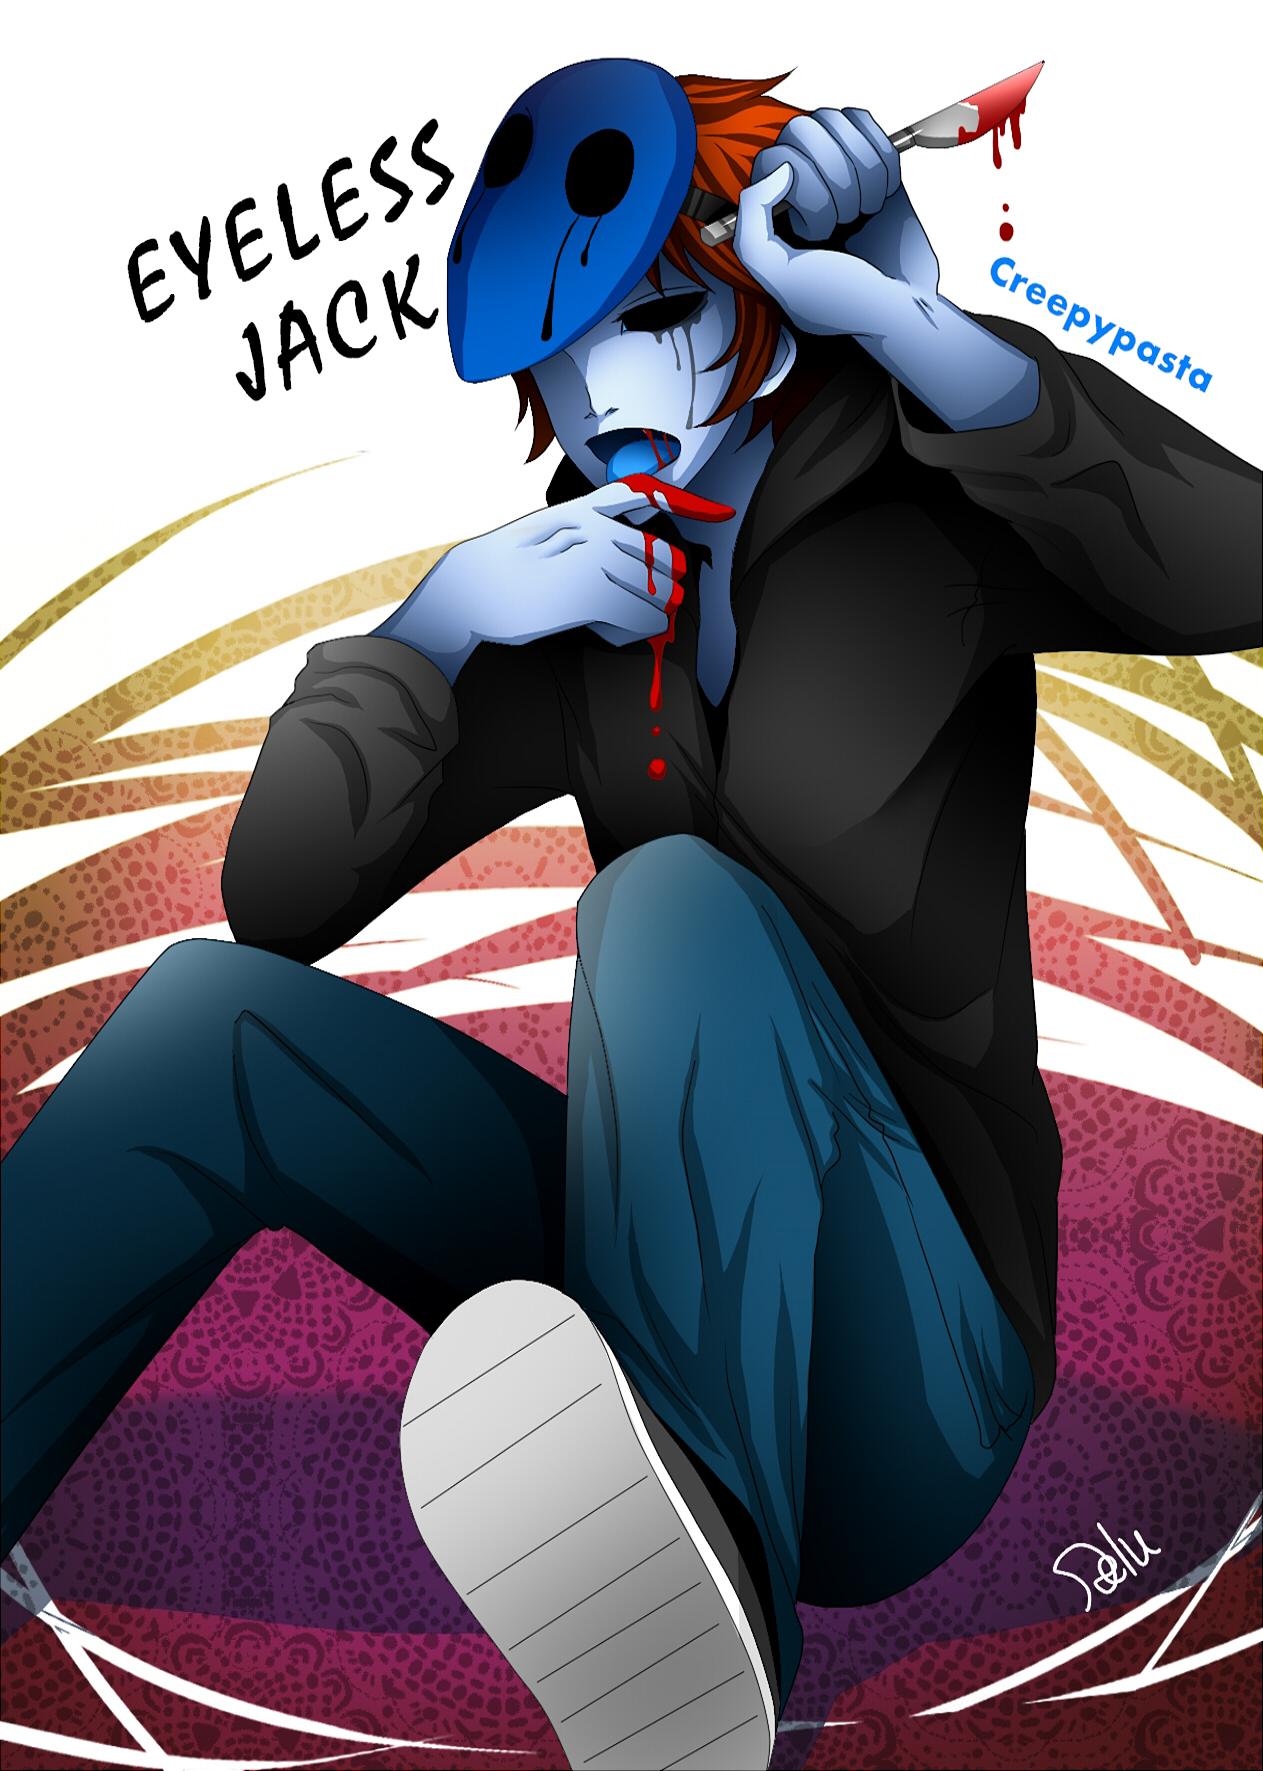 186 best images about Eyeless Jack on Pinterest | Chibi ...  |Eyeless Jack